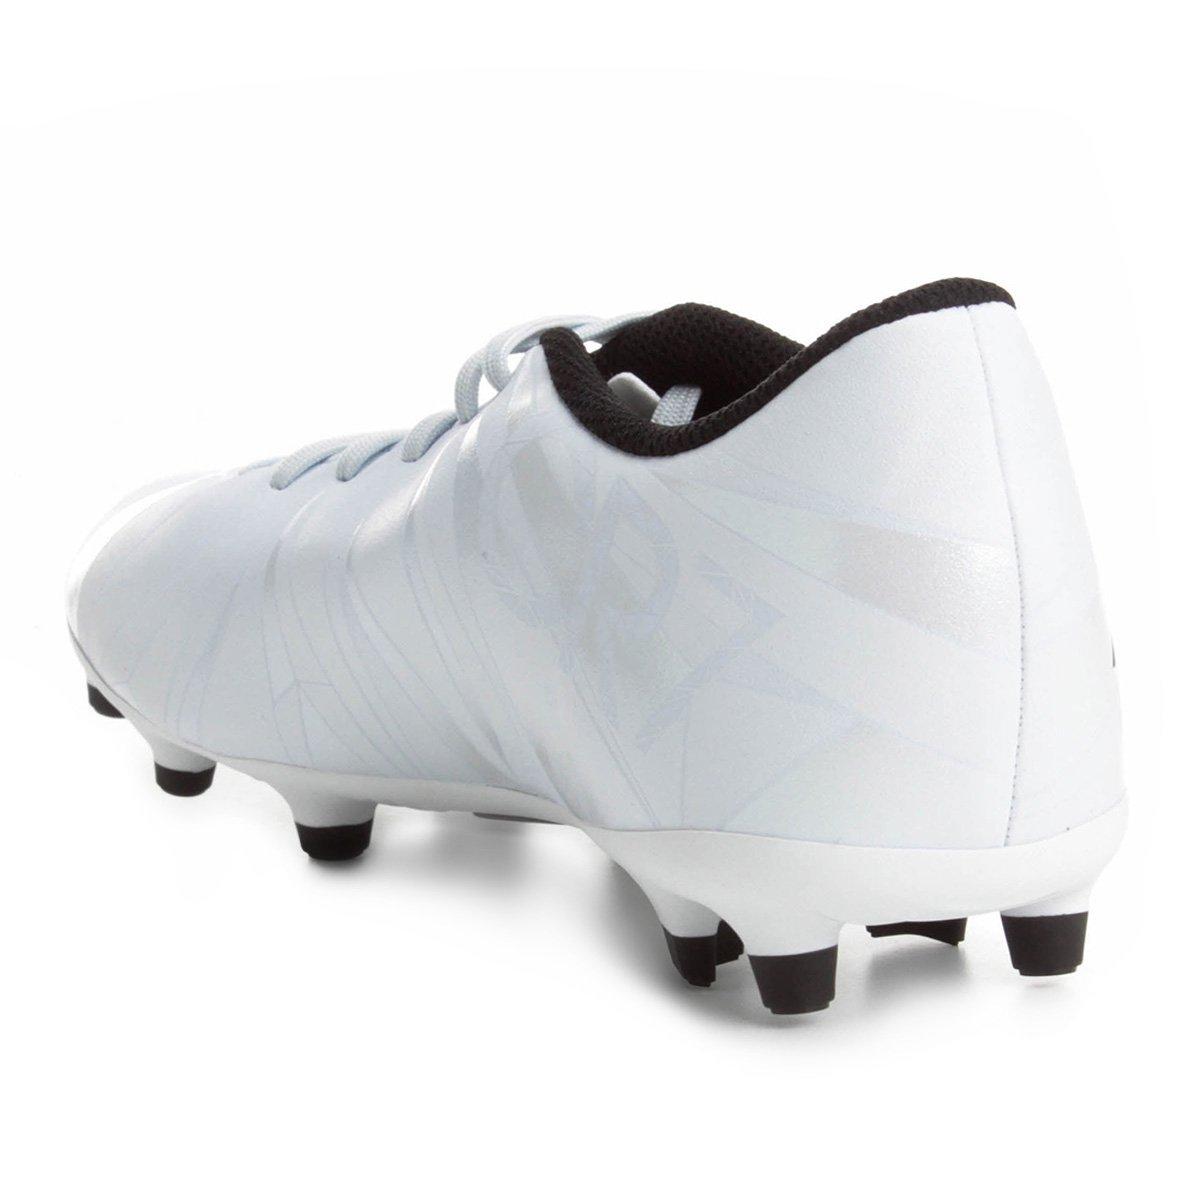 2a00ddf6c7 Chuteira Campo Nike Mercurial Vortex 3 CR7 FG - Branco e Preto ...